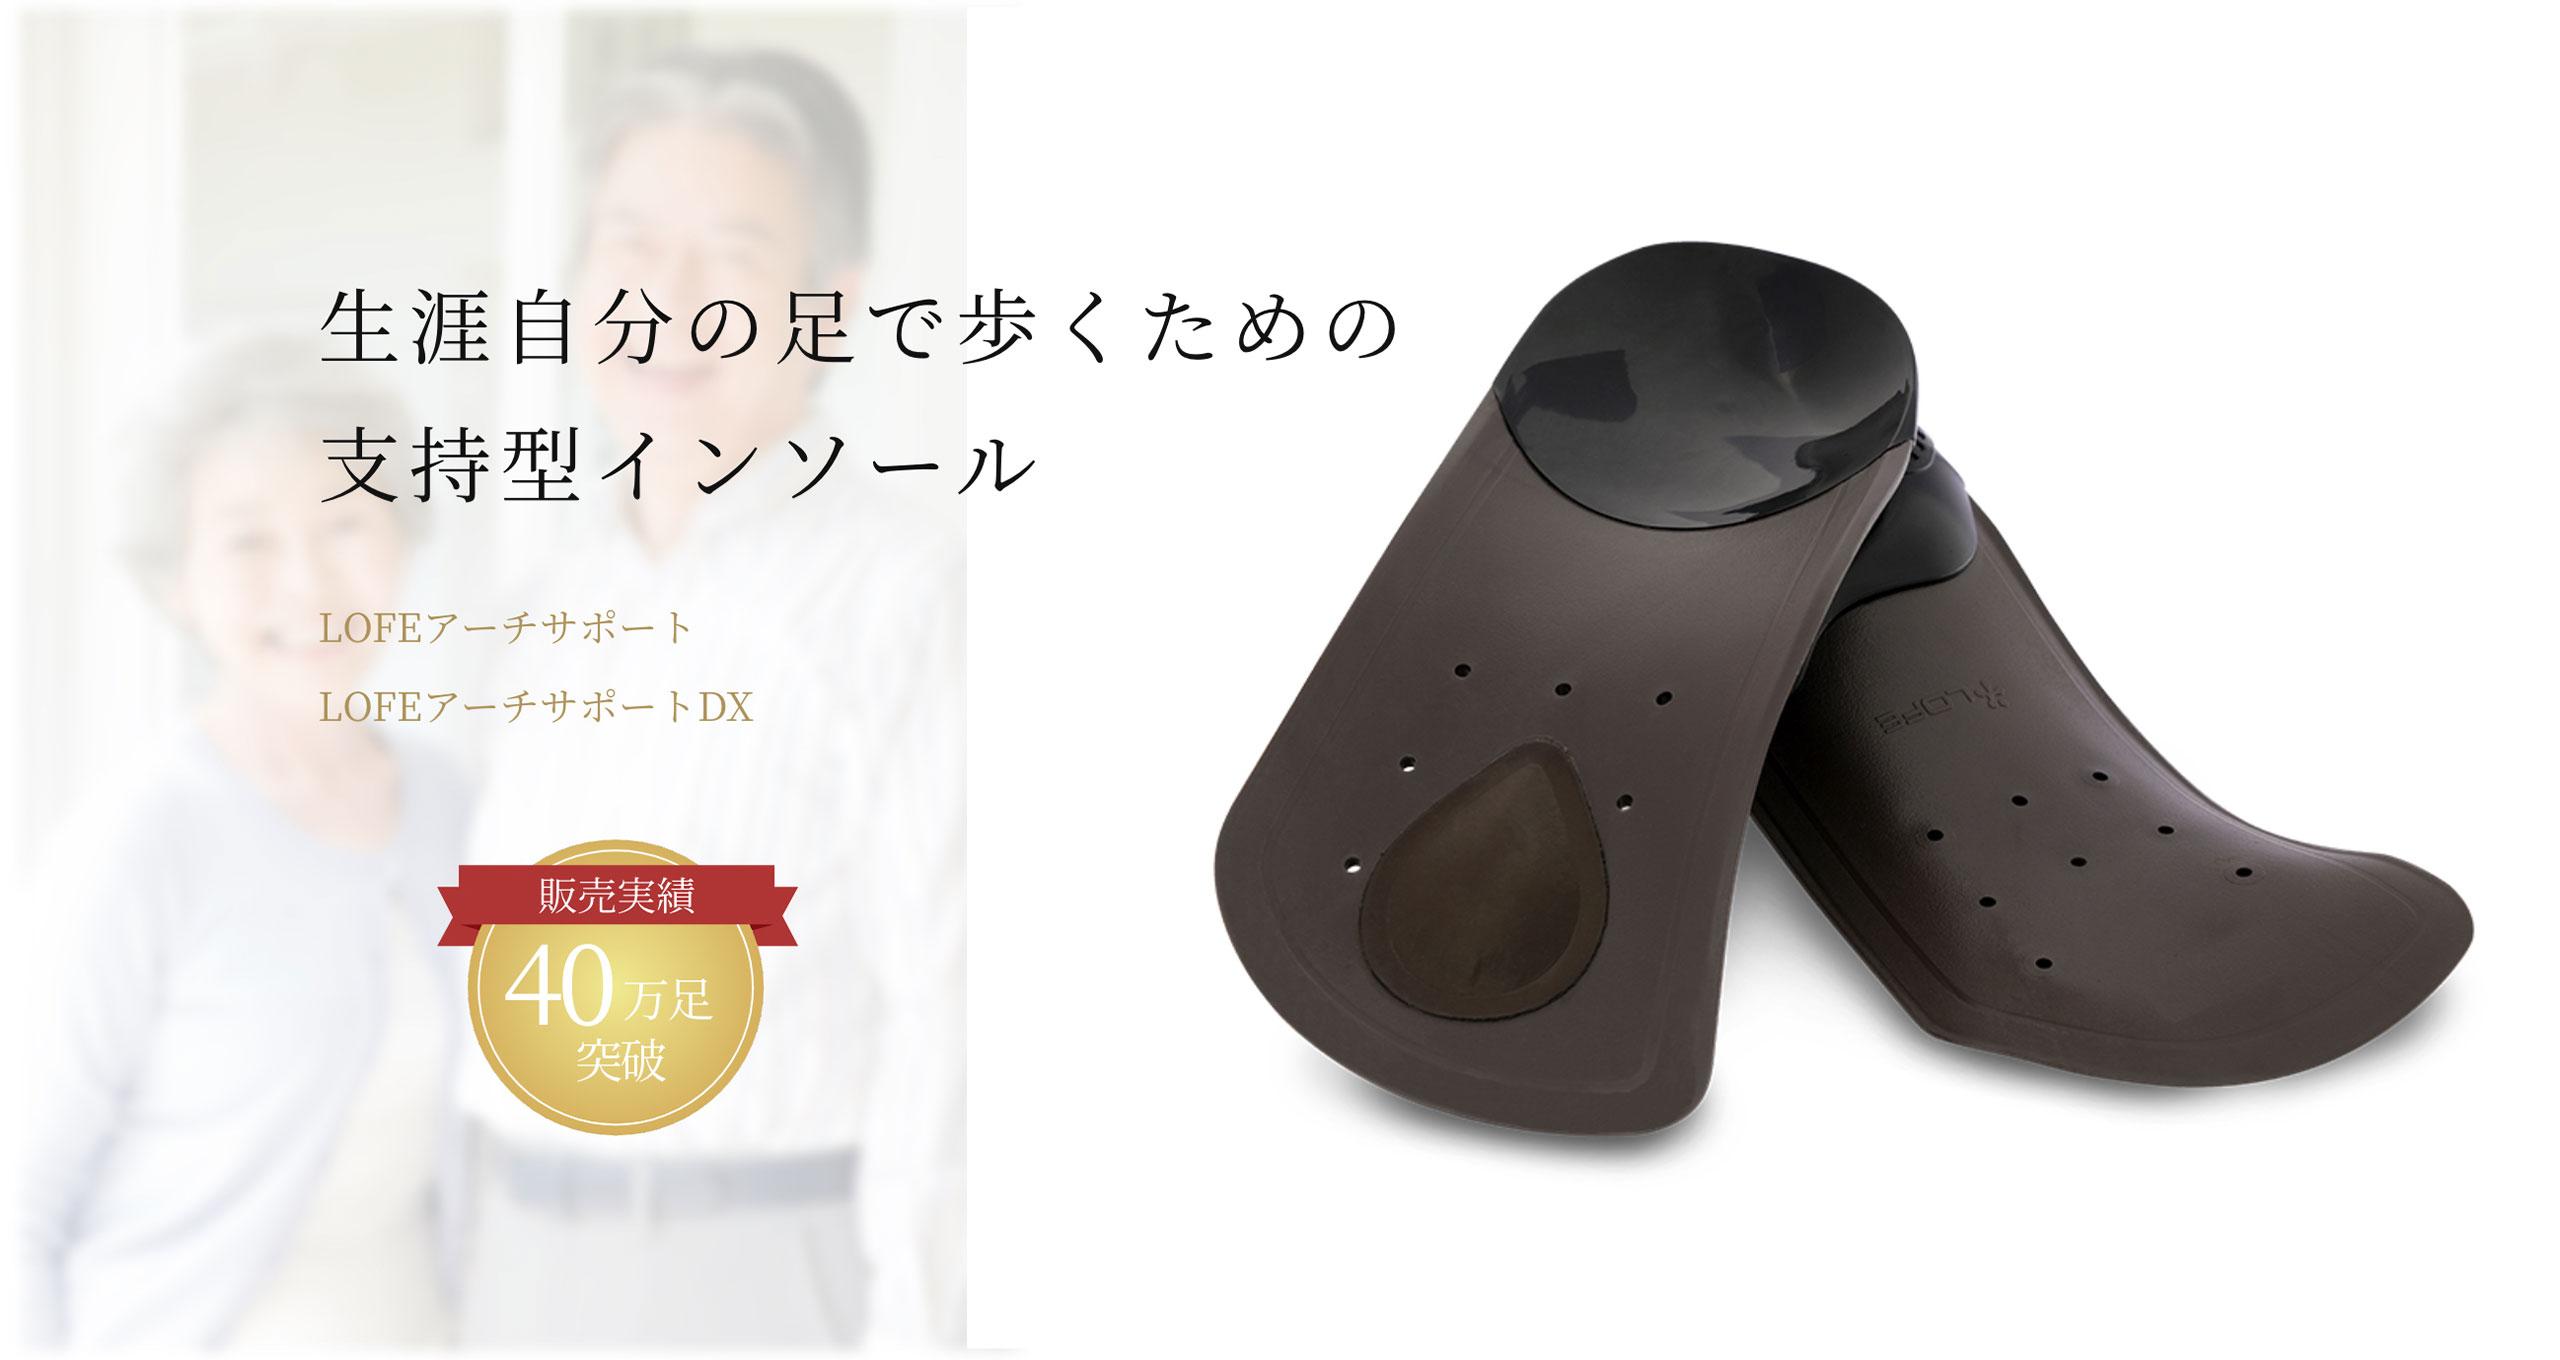 生涯自分の足で歩くための支持型インソール。LOFEアーチサポートDX